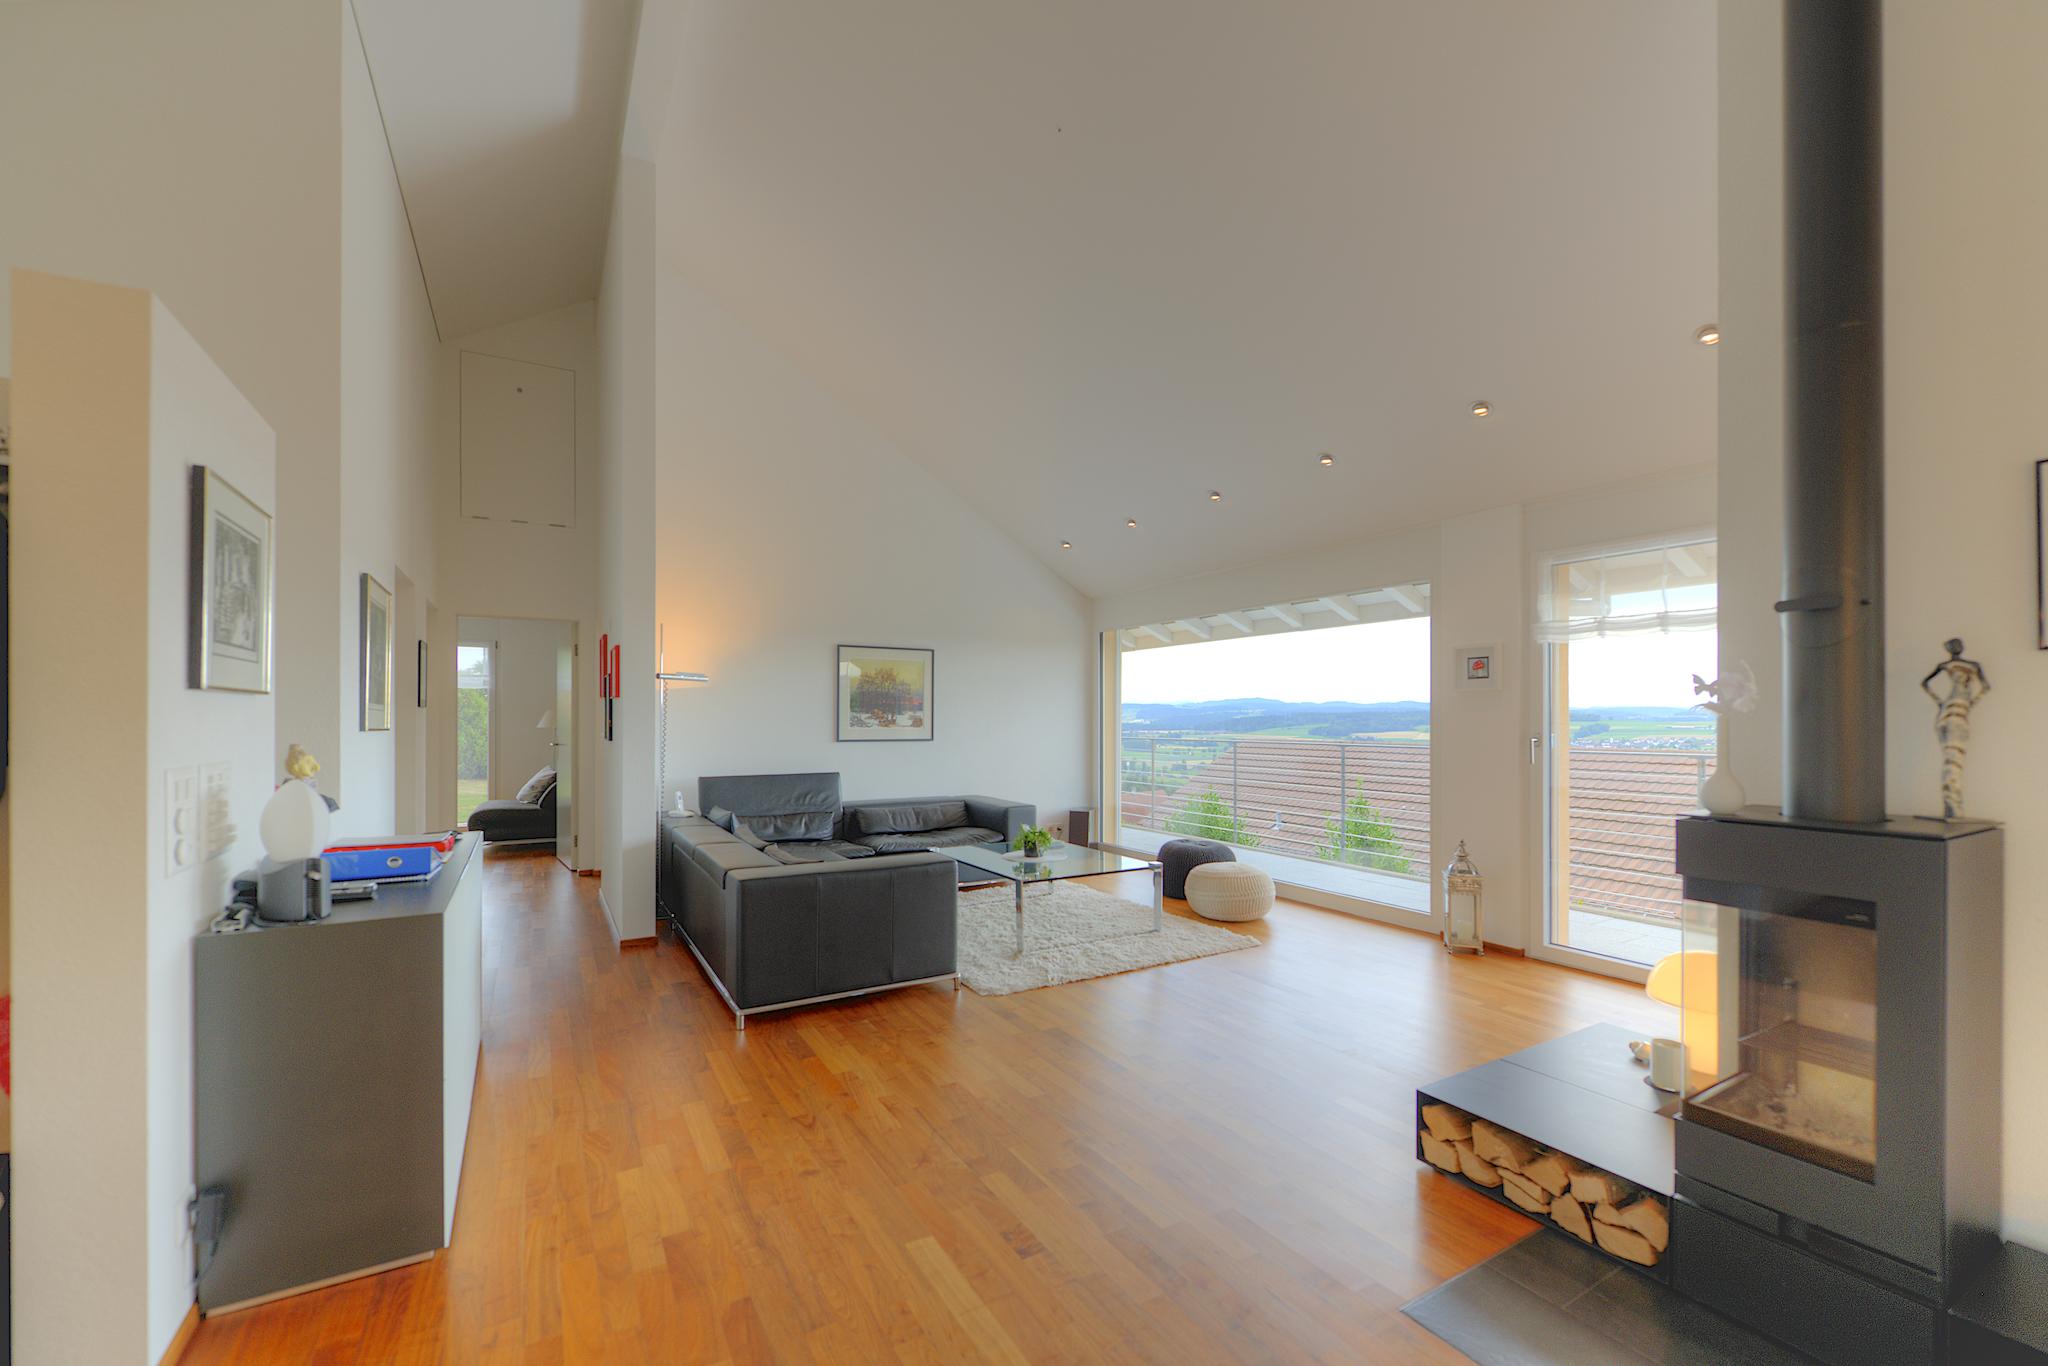 Wohnzimmer mit dem Panoramafenster